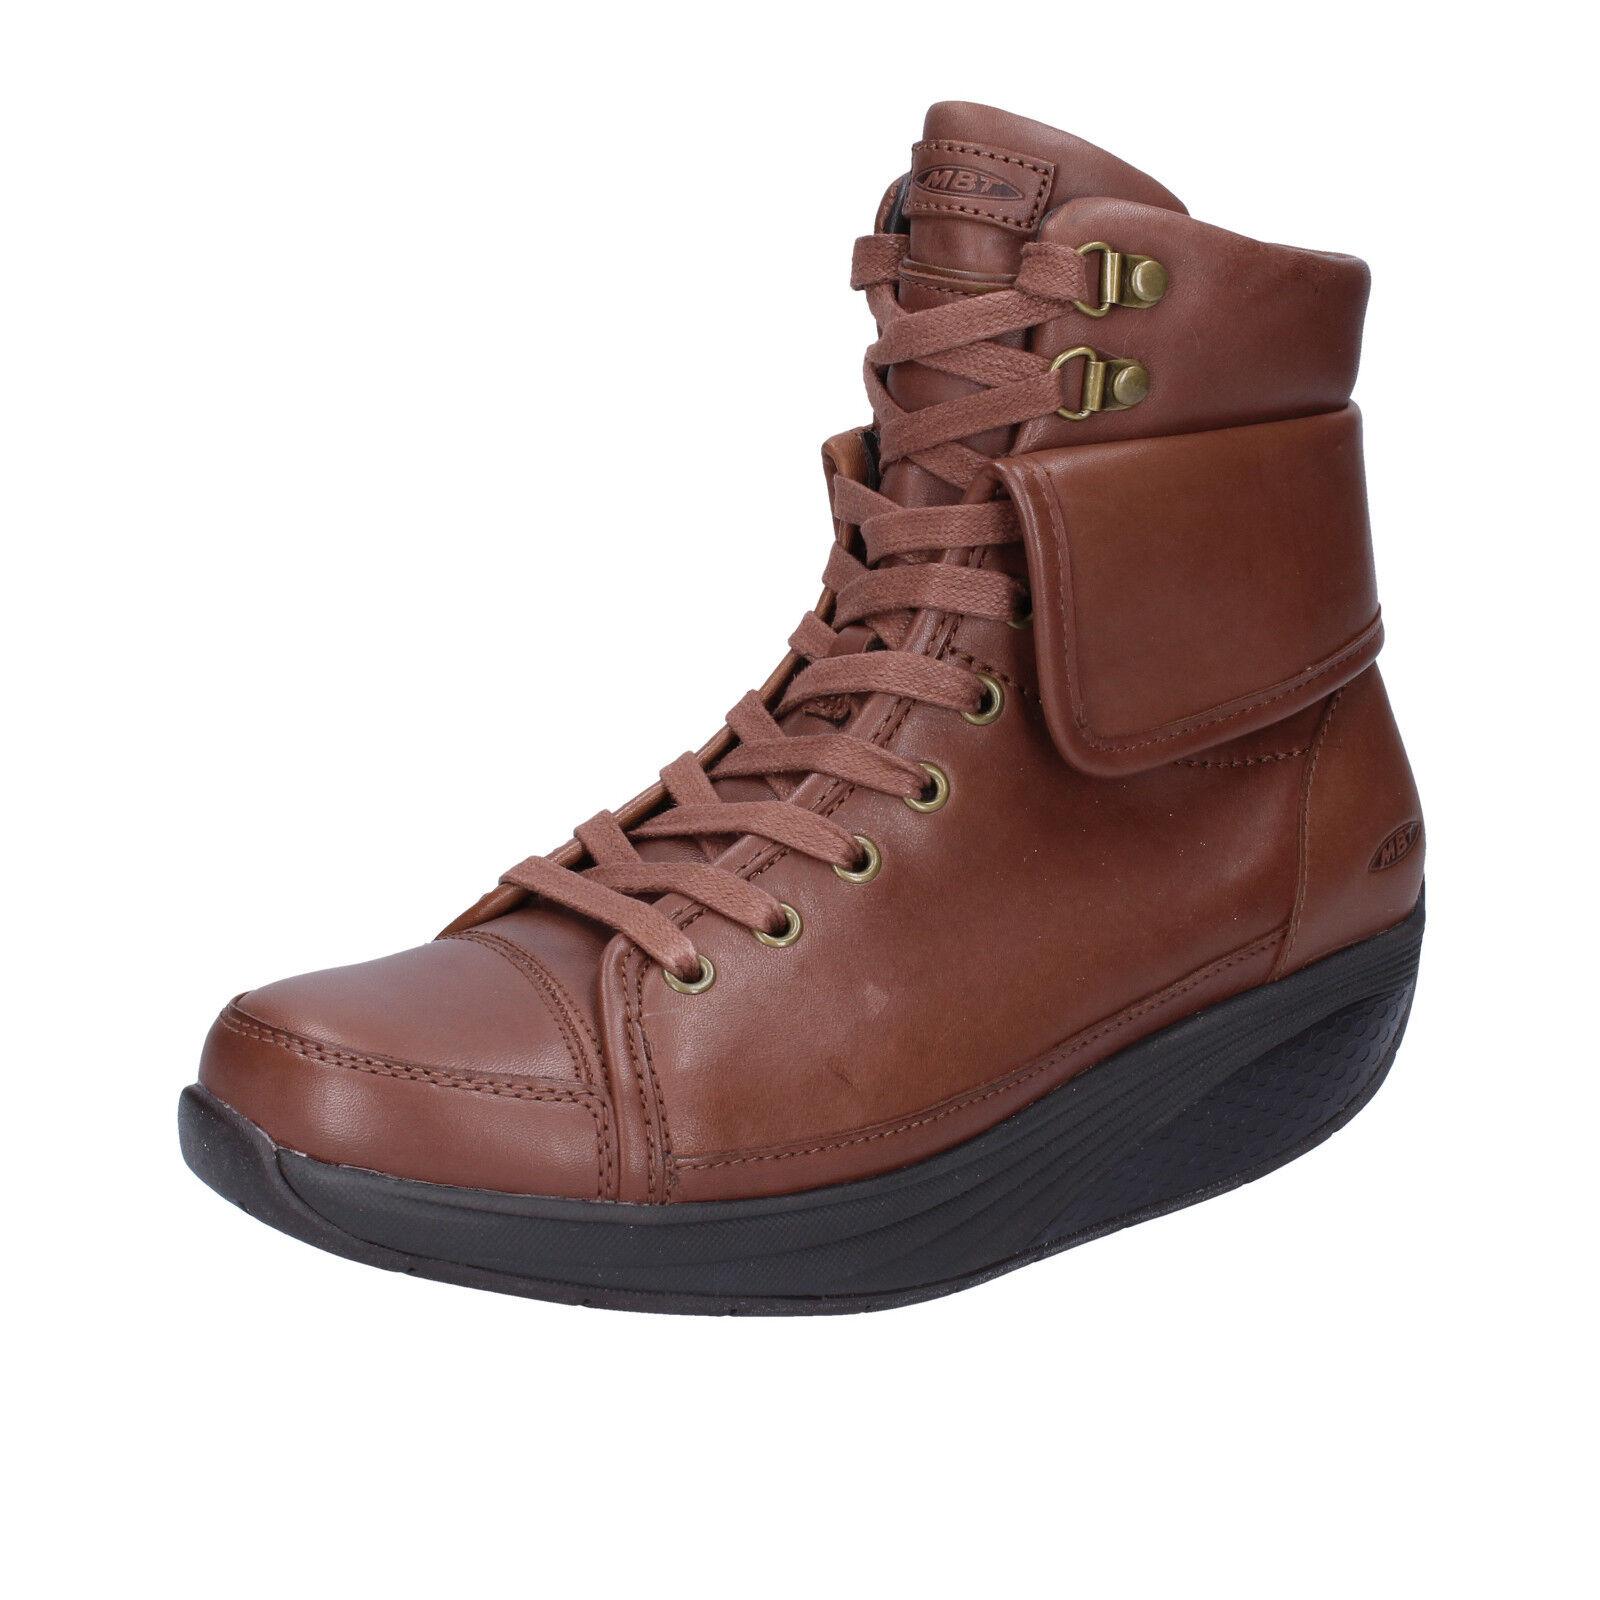 Para mujeres Zapatos MBT 6 6,5 (UE 37) botas botas botas al Tobillo Cuero Marrón BT205-37  entrega rápida